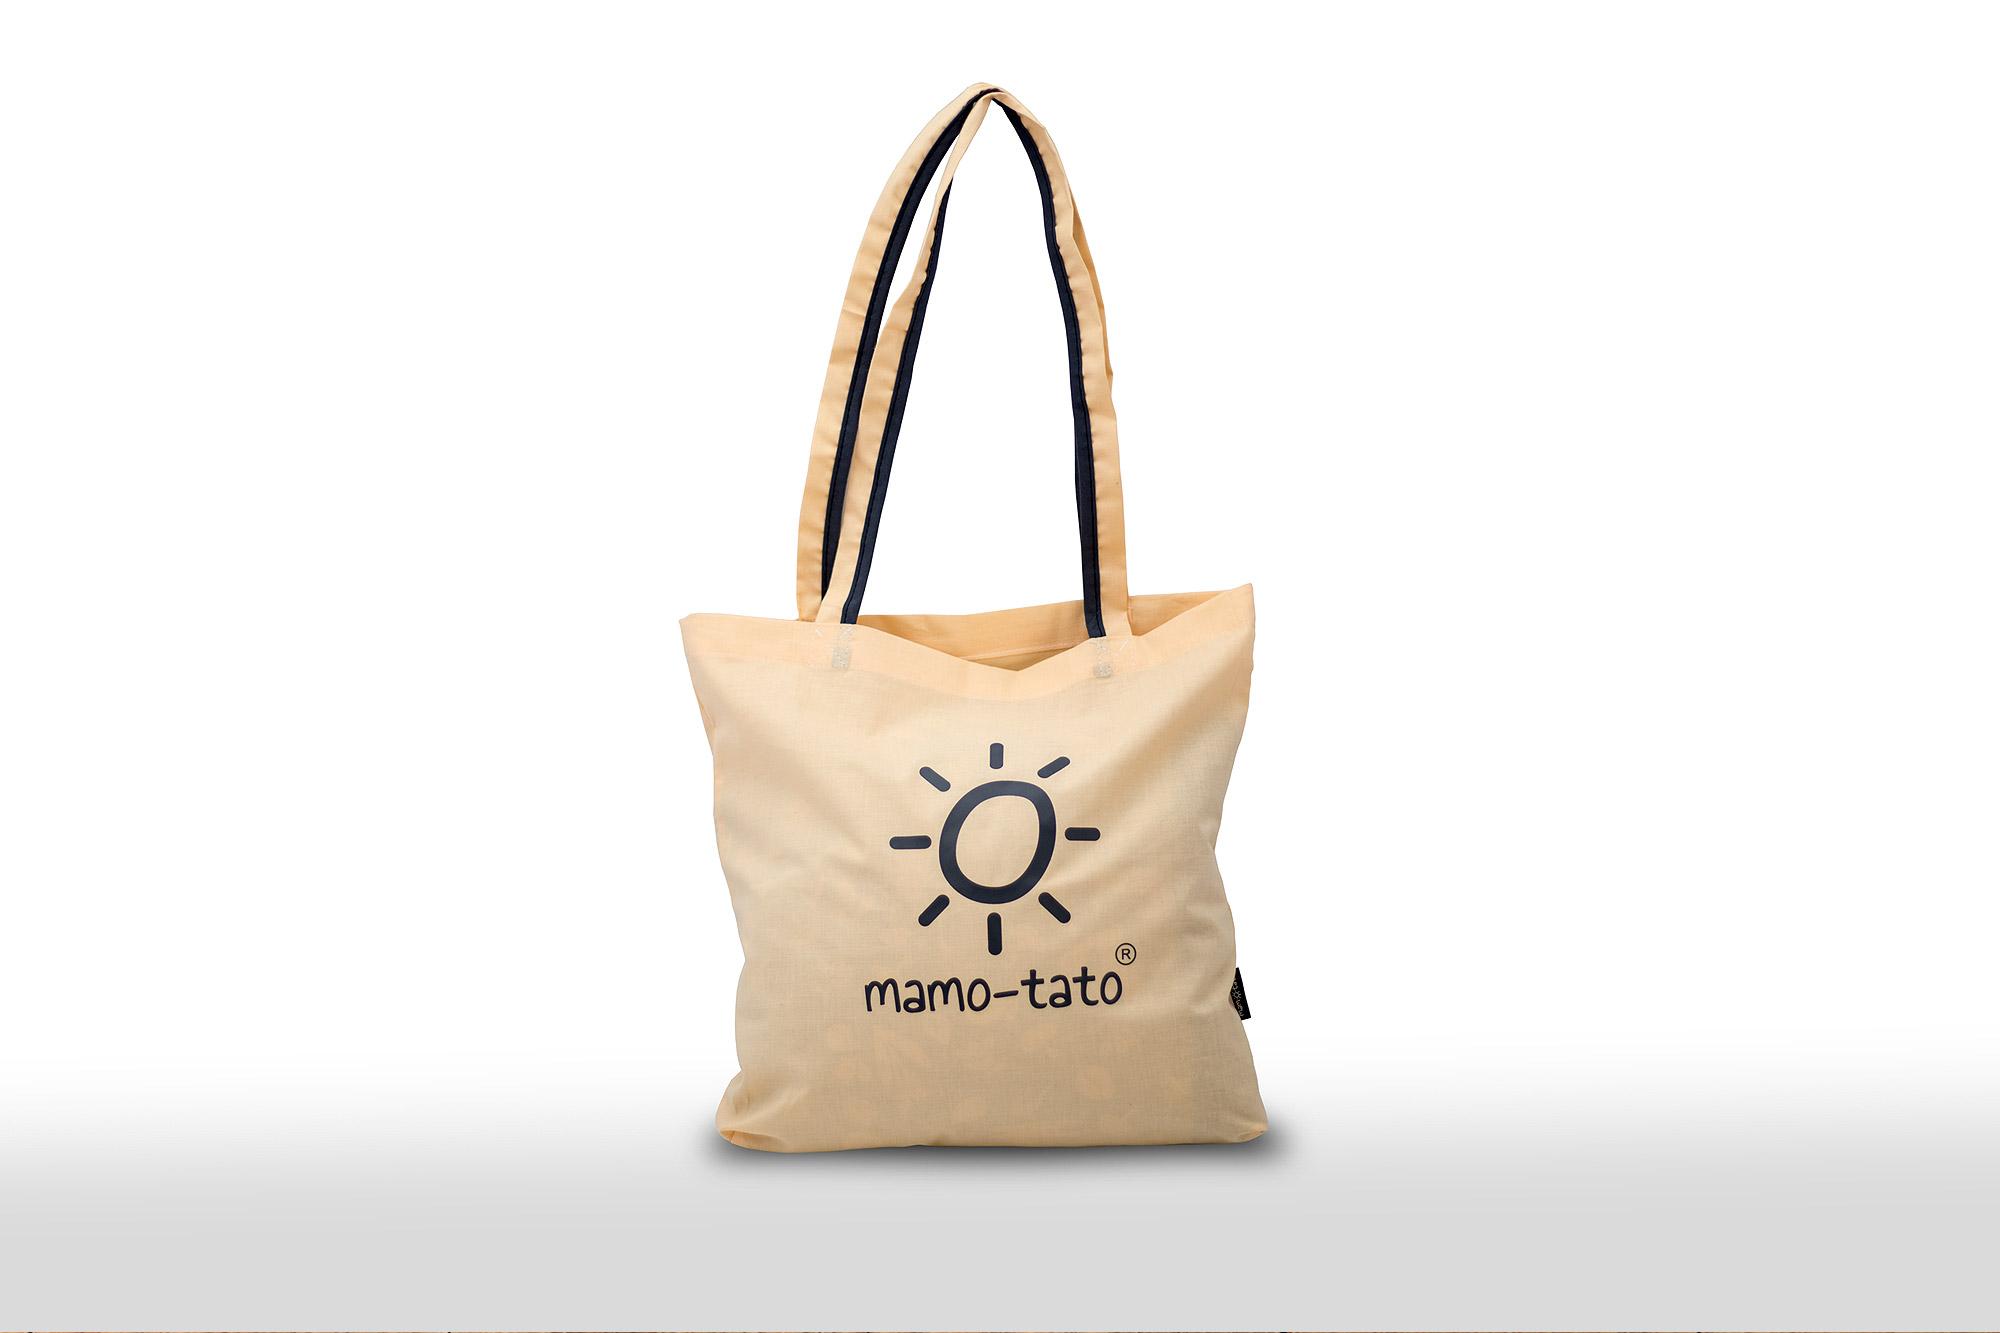 torby reklamowe dla firm, torba reklamowa